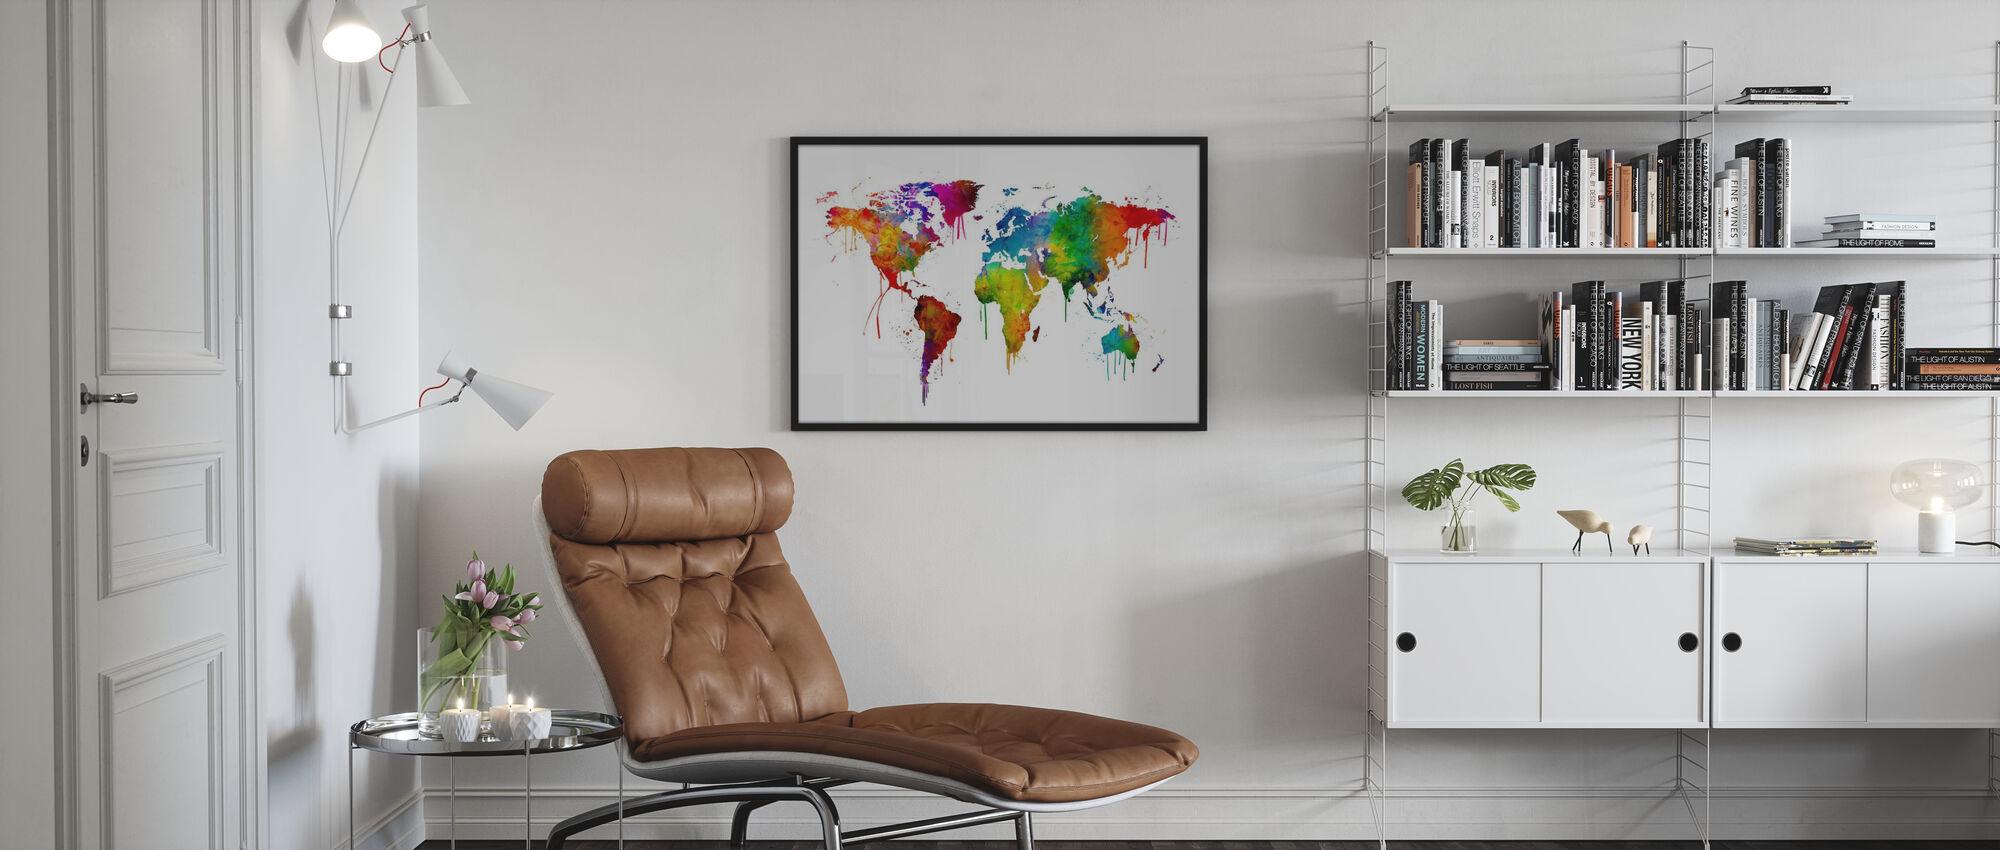 Watercolour World Map - Framed print - Living Room